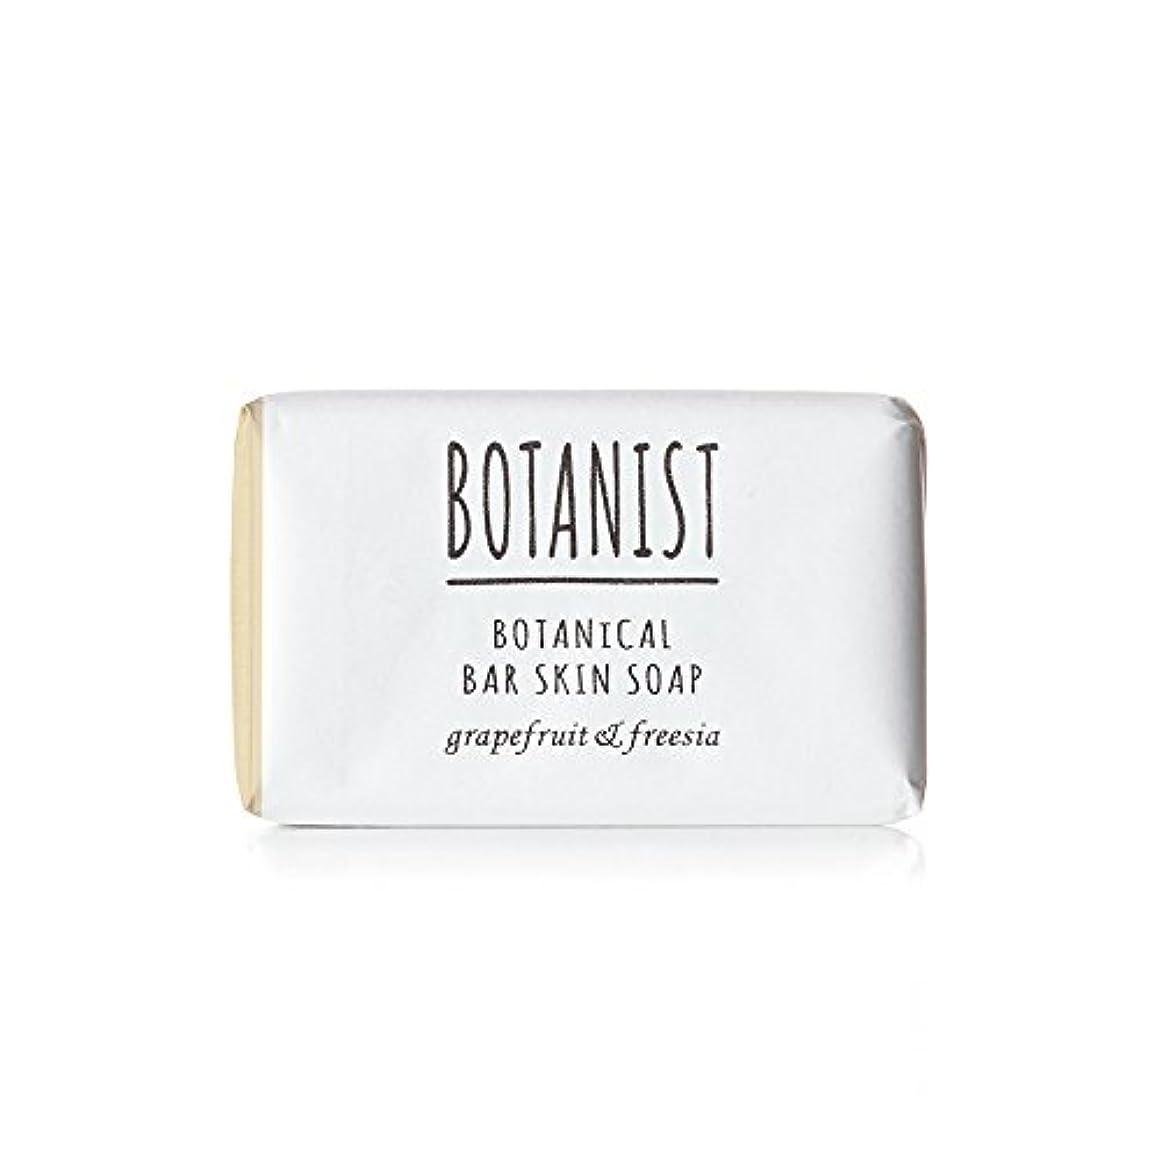 多様体空時代BOTANIST ボタニスト ボタニカル バースキンソープ 100g グレープフルーツ&フリージア